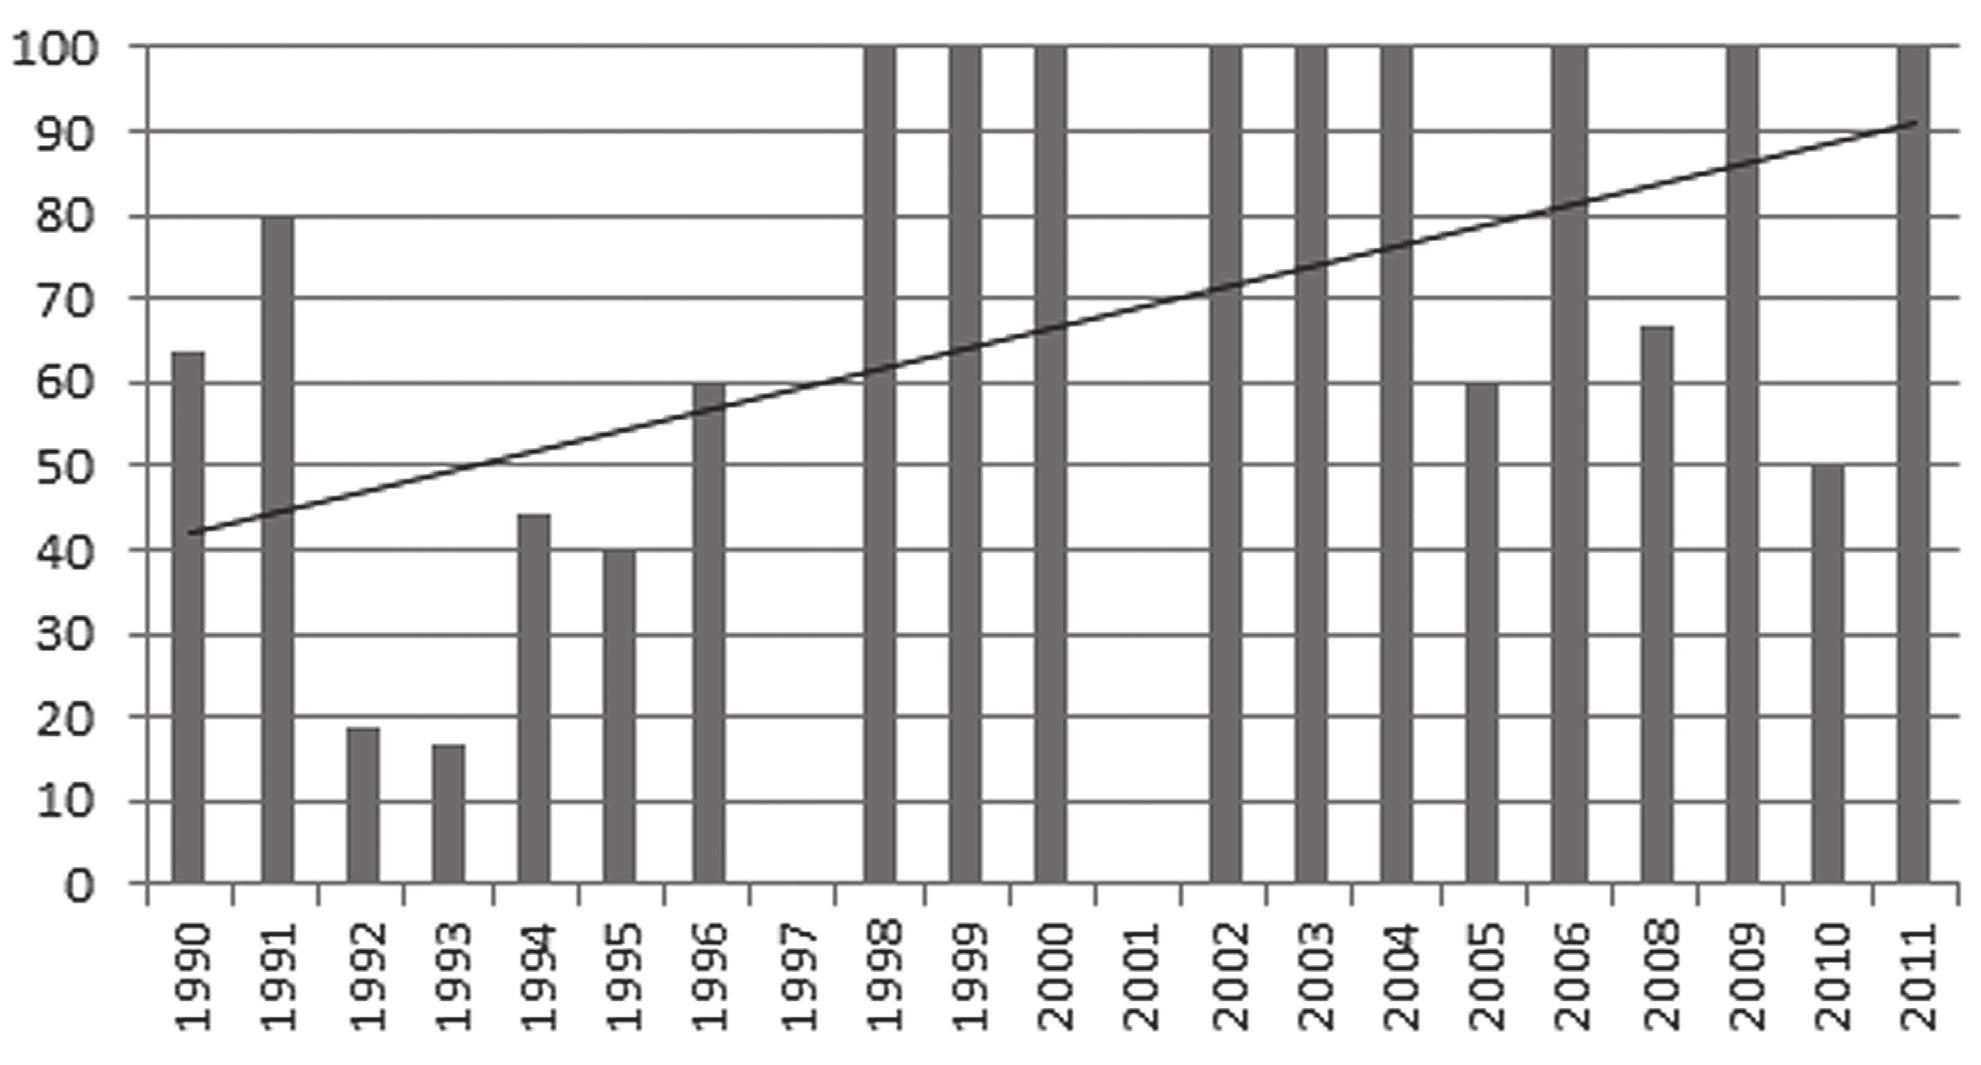 Percentuálny výskyt pridruženej rinitídy u pacientov s profesionálnou astmou podľa jednotlivých rokov (v roku 2007 nebola hlásená na klinike žiadna astma)